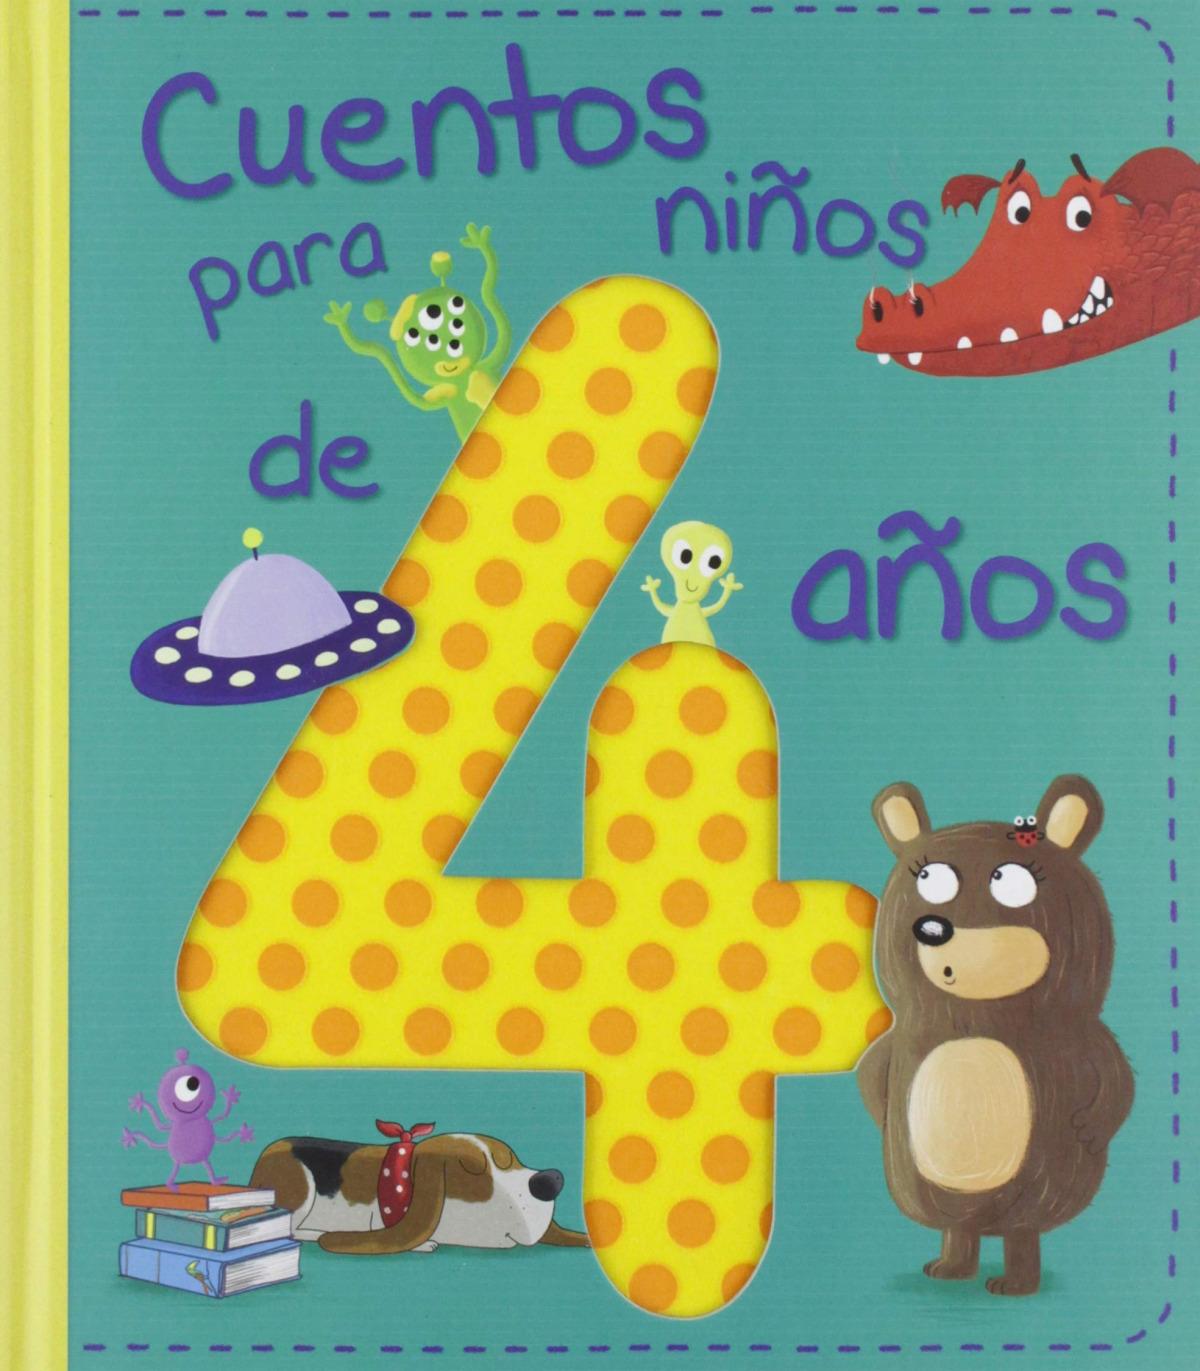 CUENTOS PARA NIñOS DE 4 AñOS 9788428556231